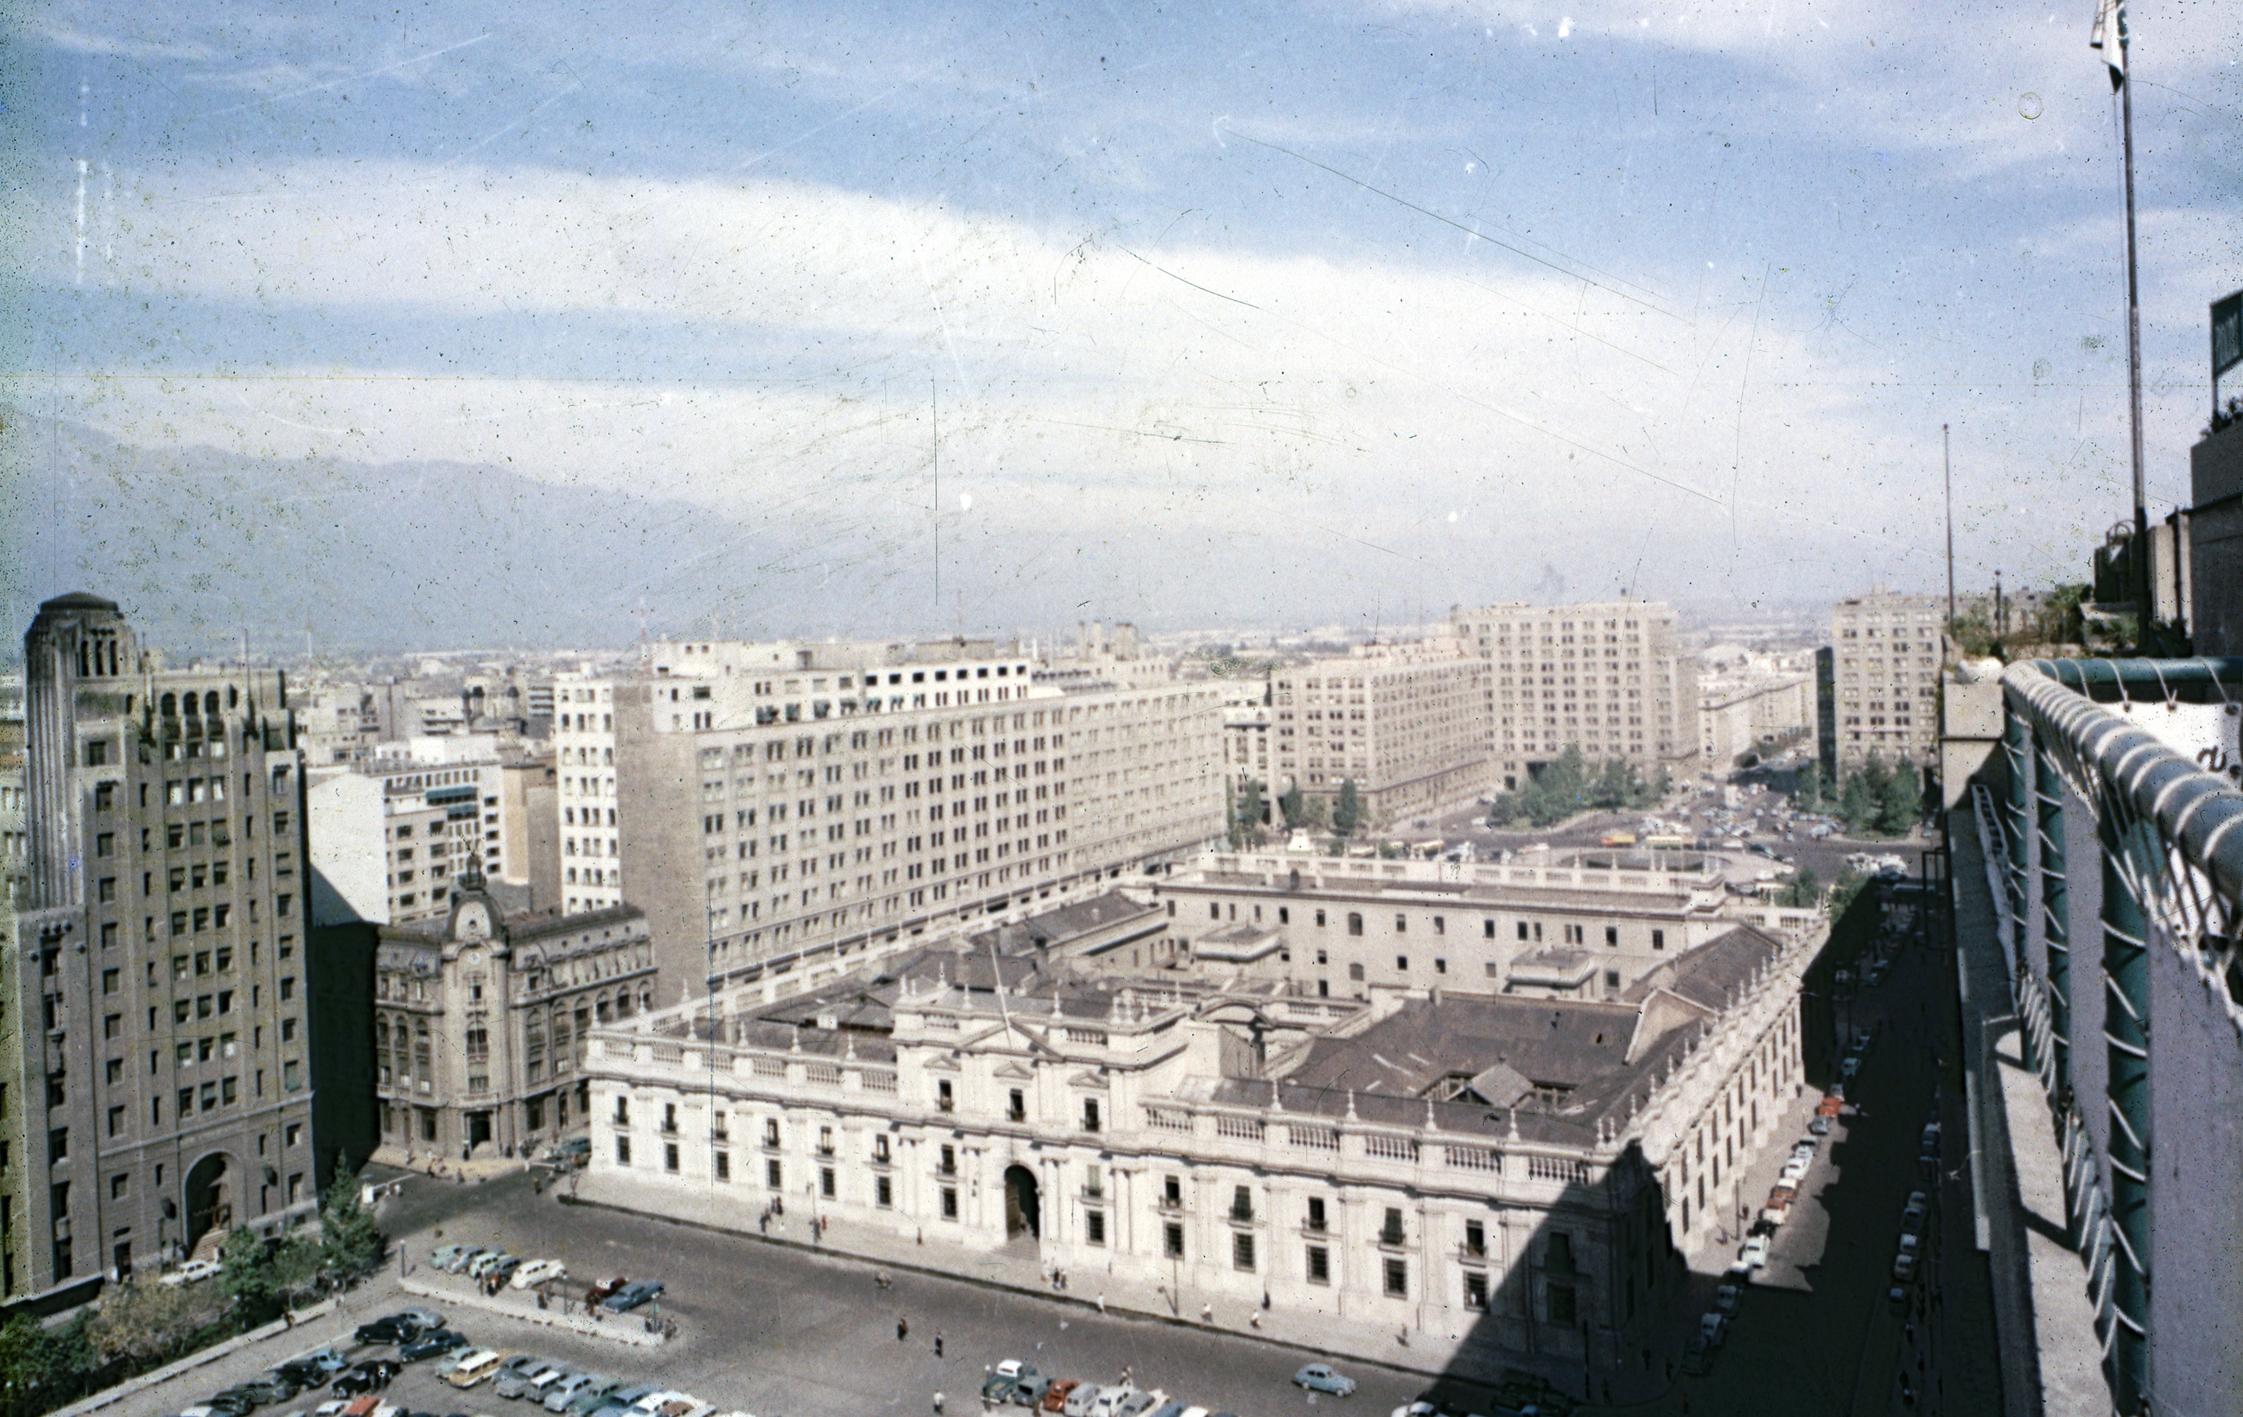 Enterreno - Fotos históricas de chile - fotos antiguas de Chile - Palacio de La Moneda en los años 60´s